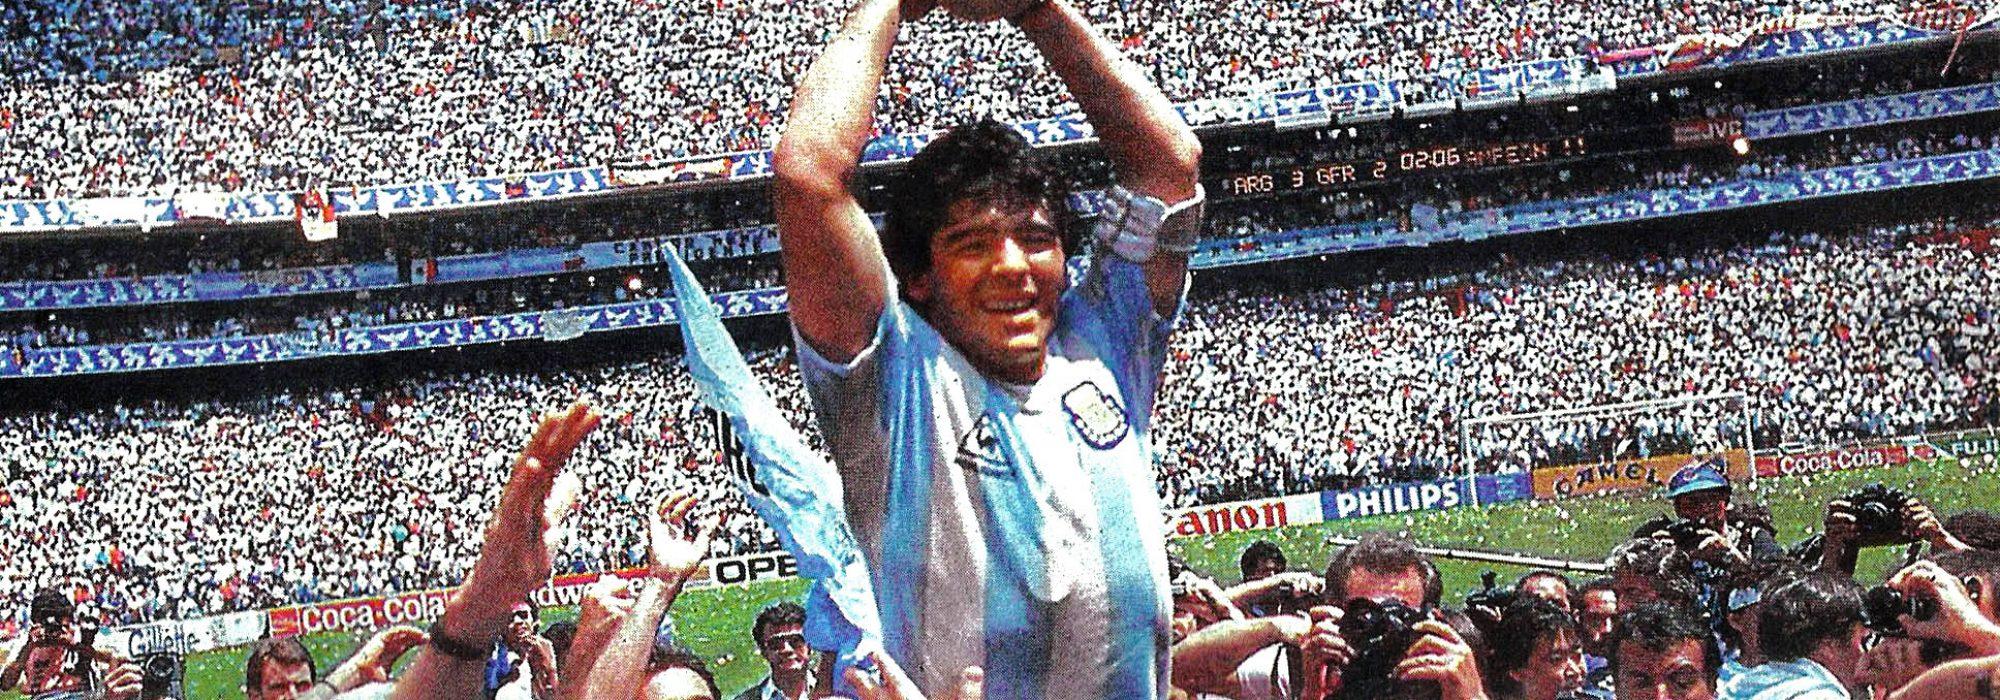 Maradona_cup_azteca